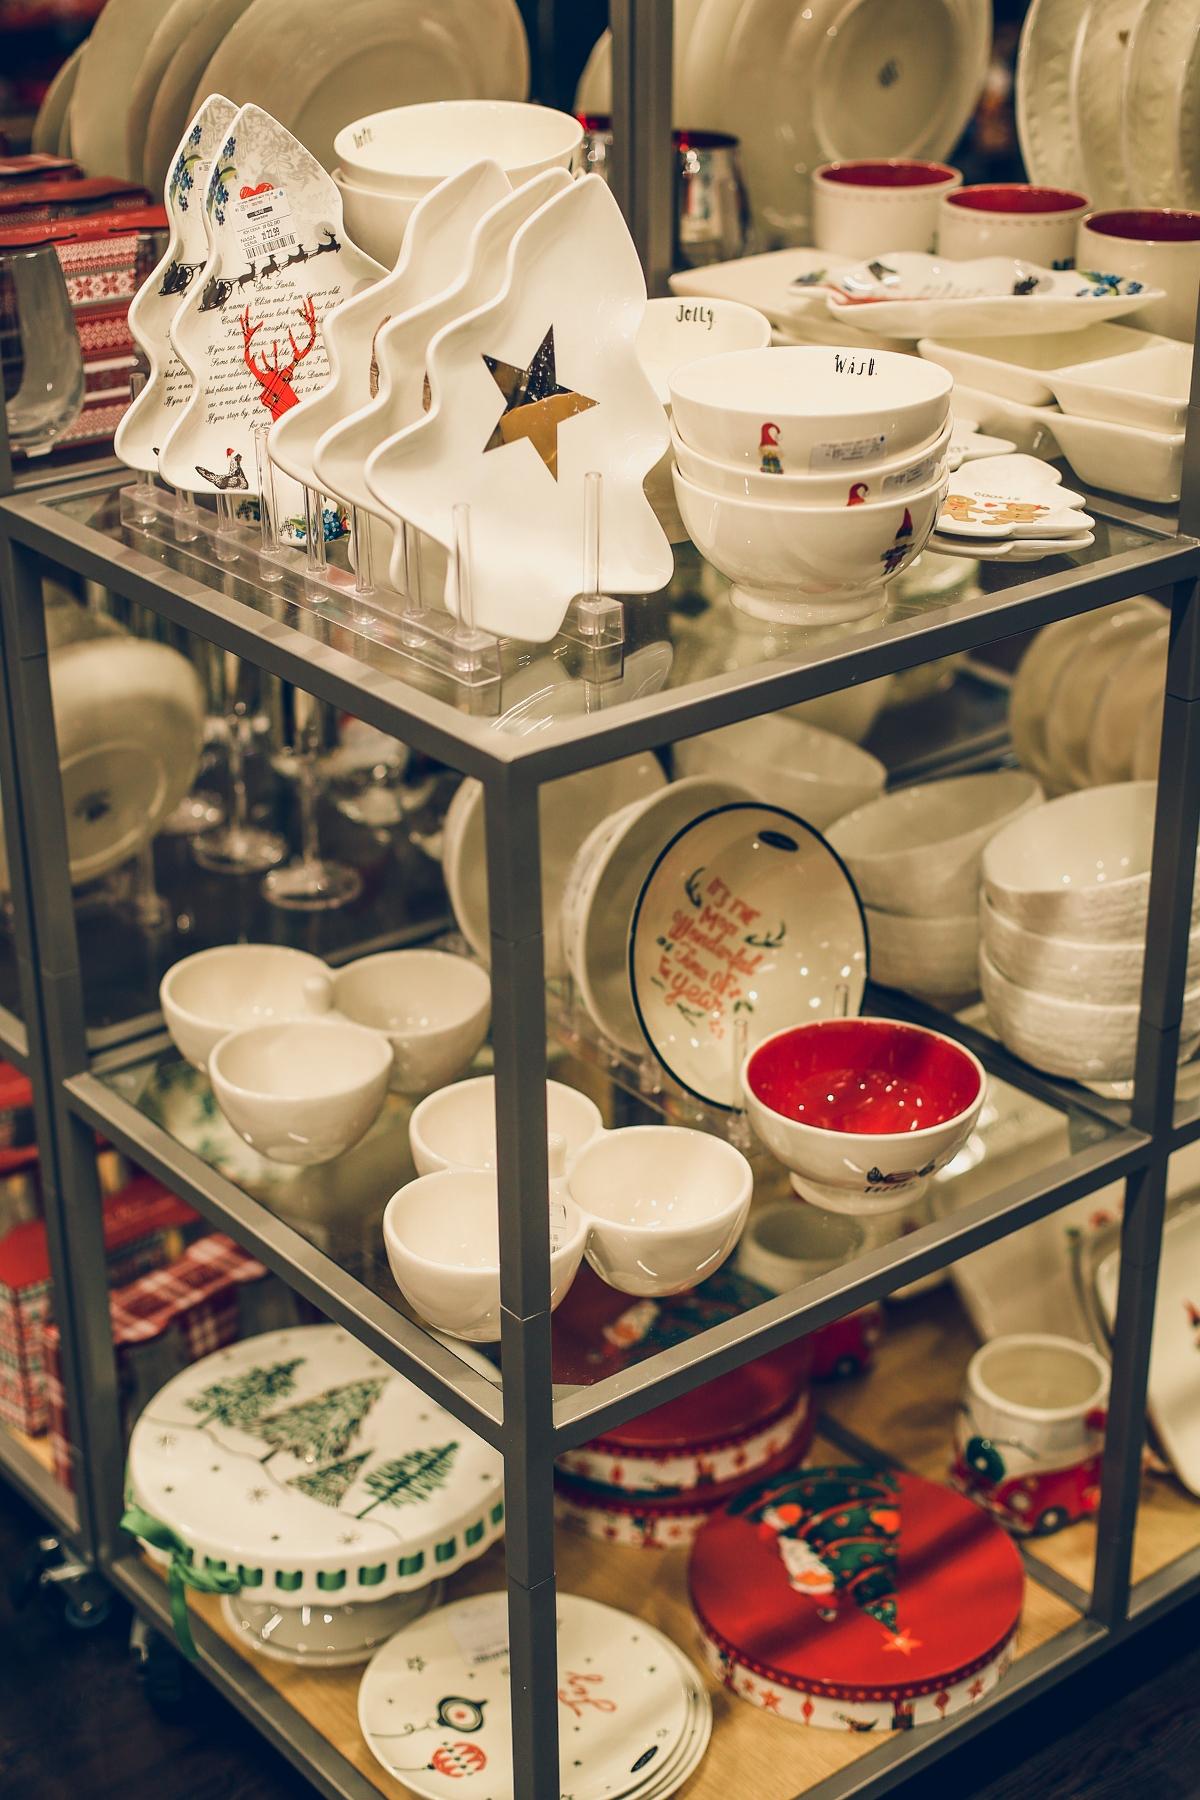 świąteczne prezenty dla każdego TK Maxx naczynia